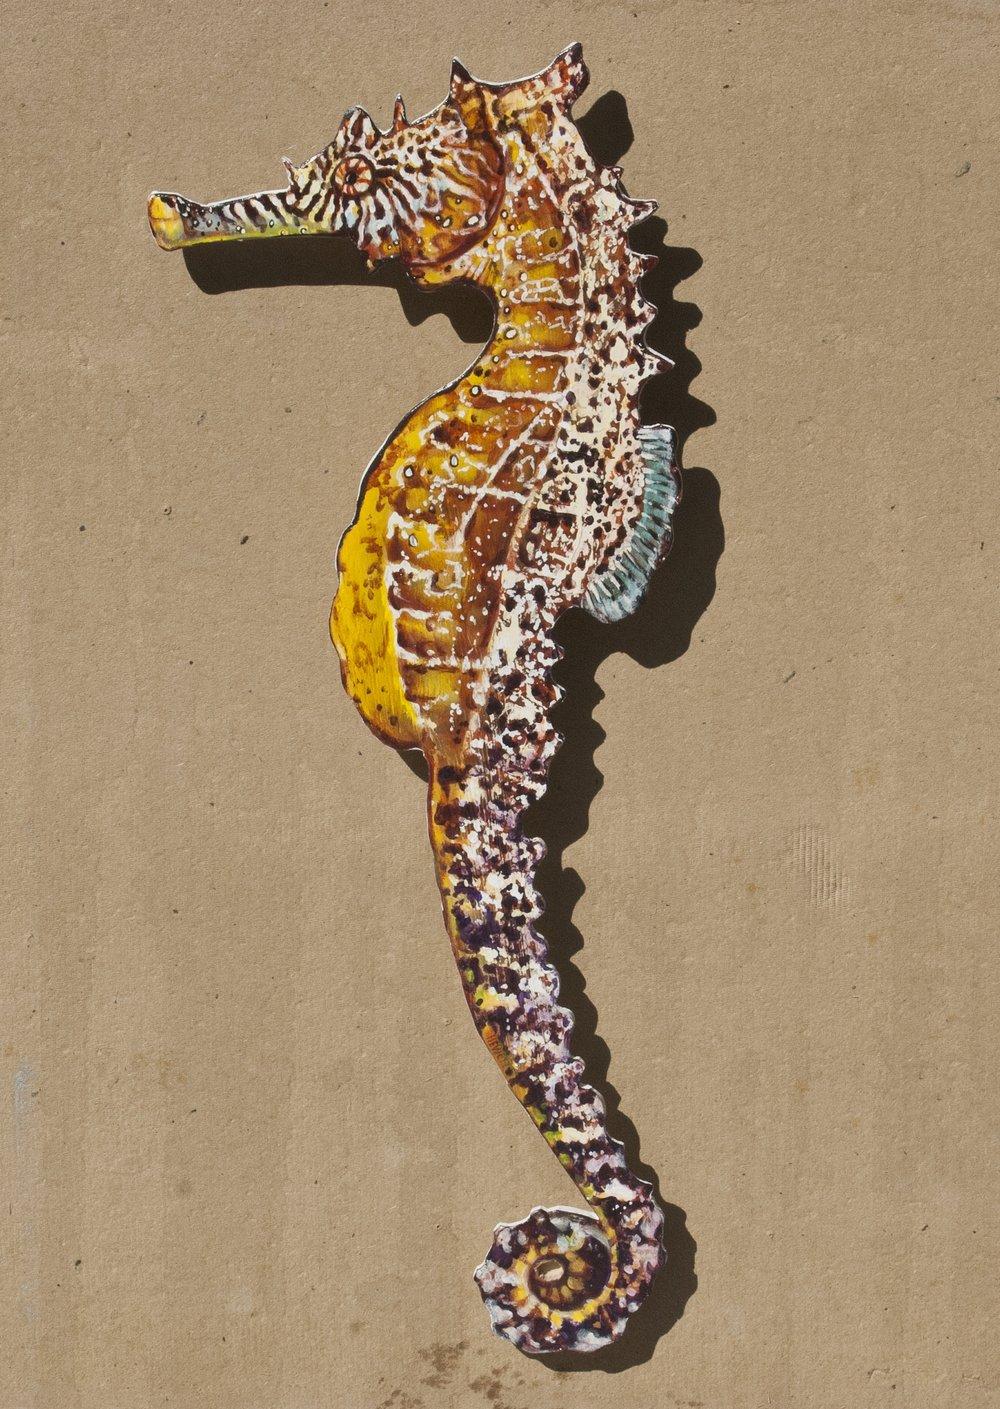 Seahorse, left